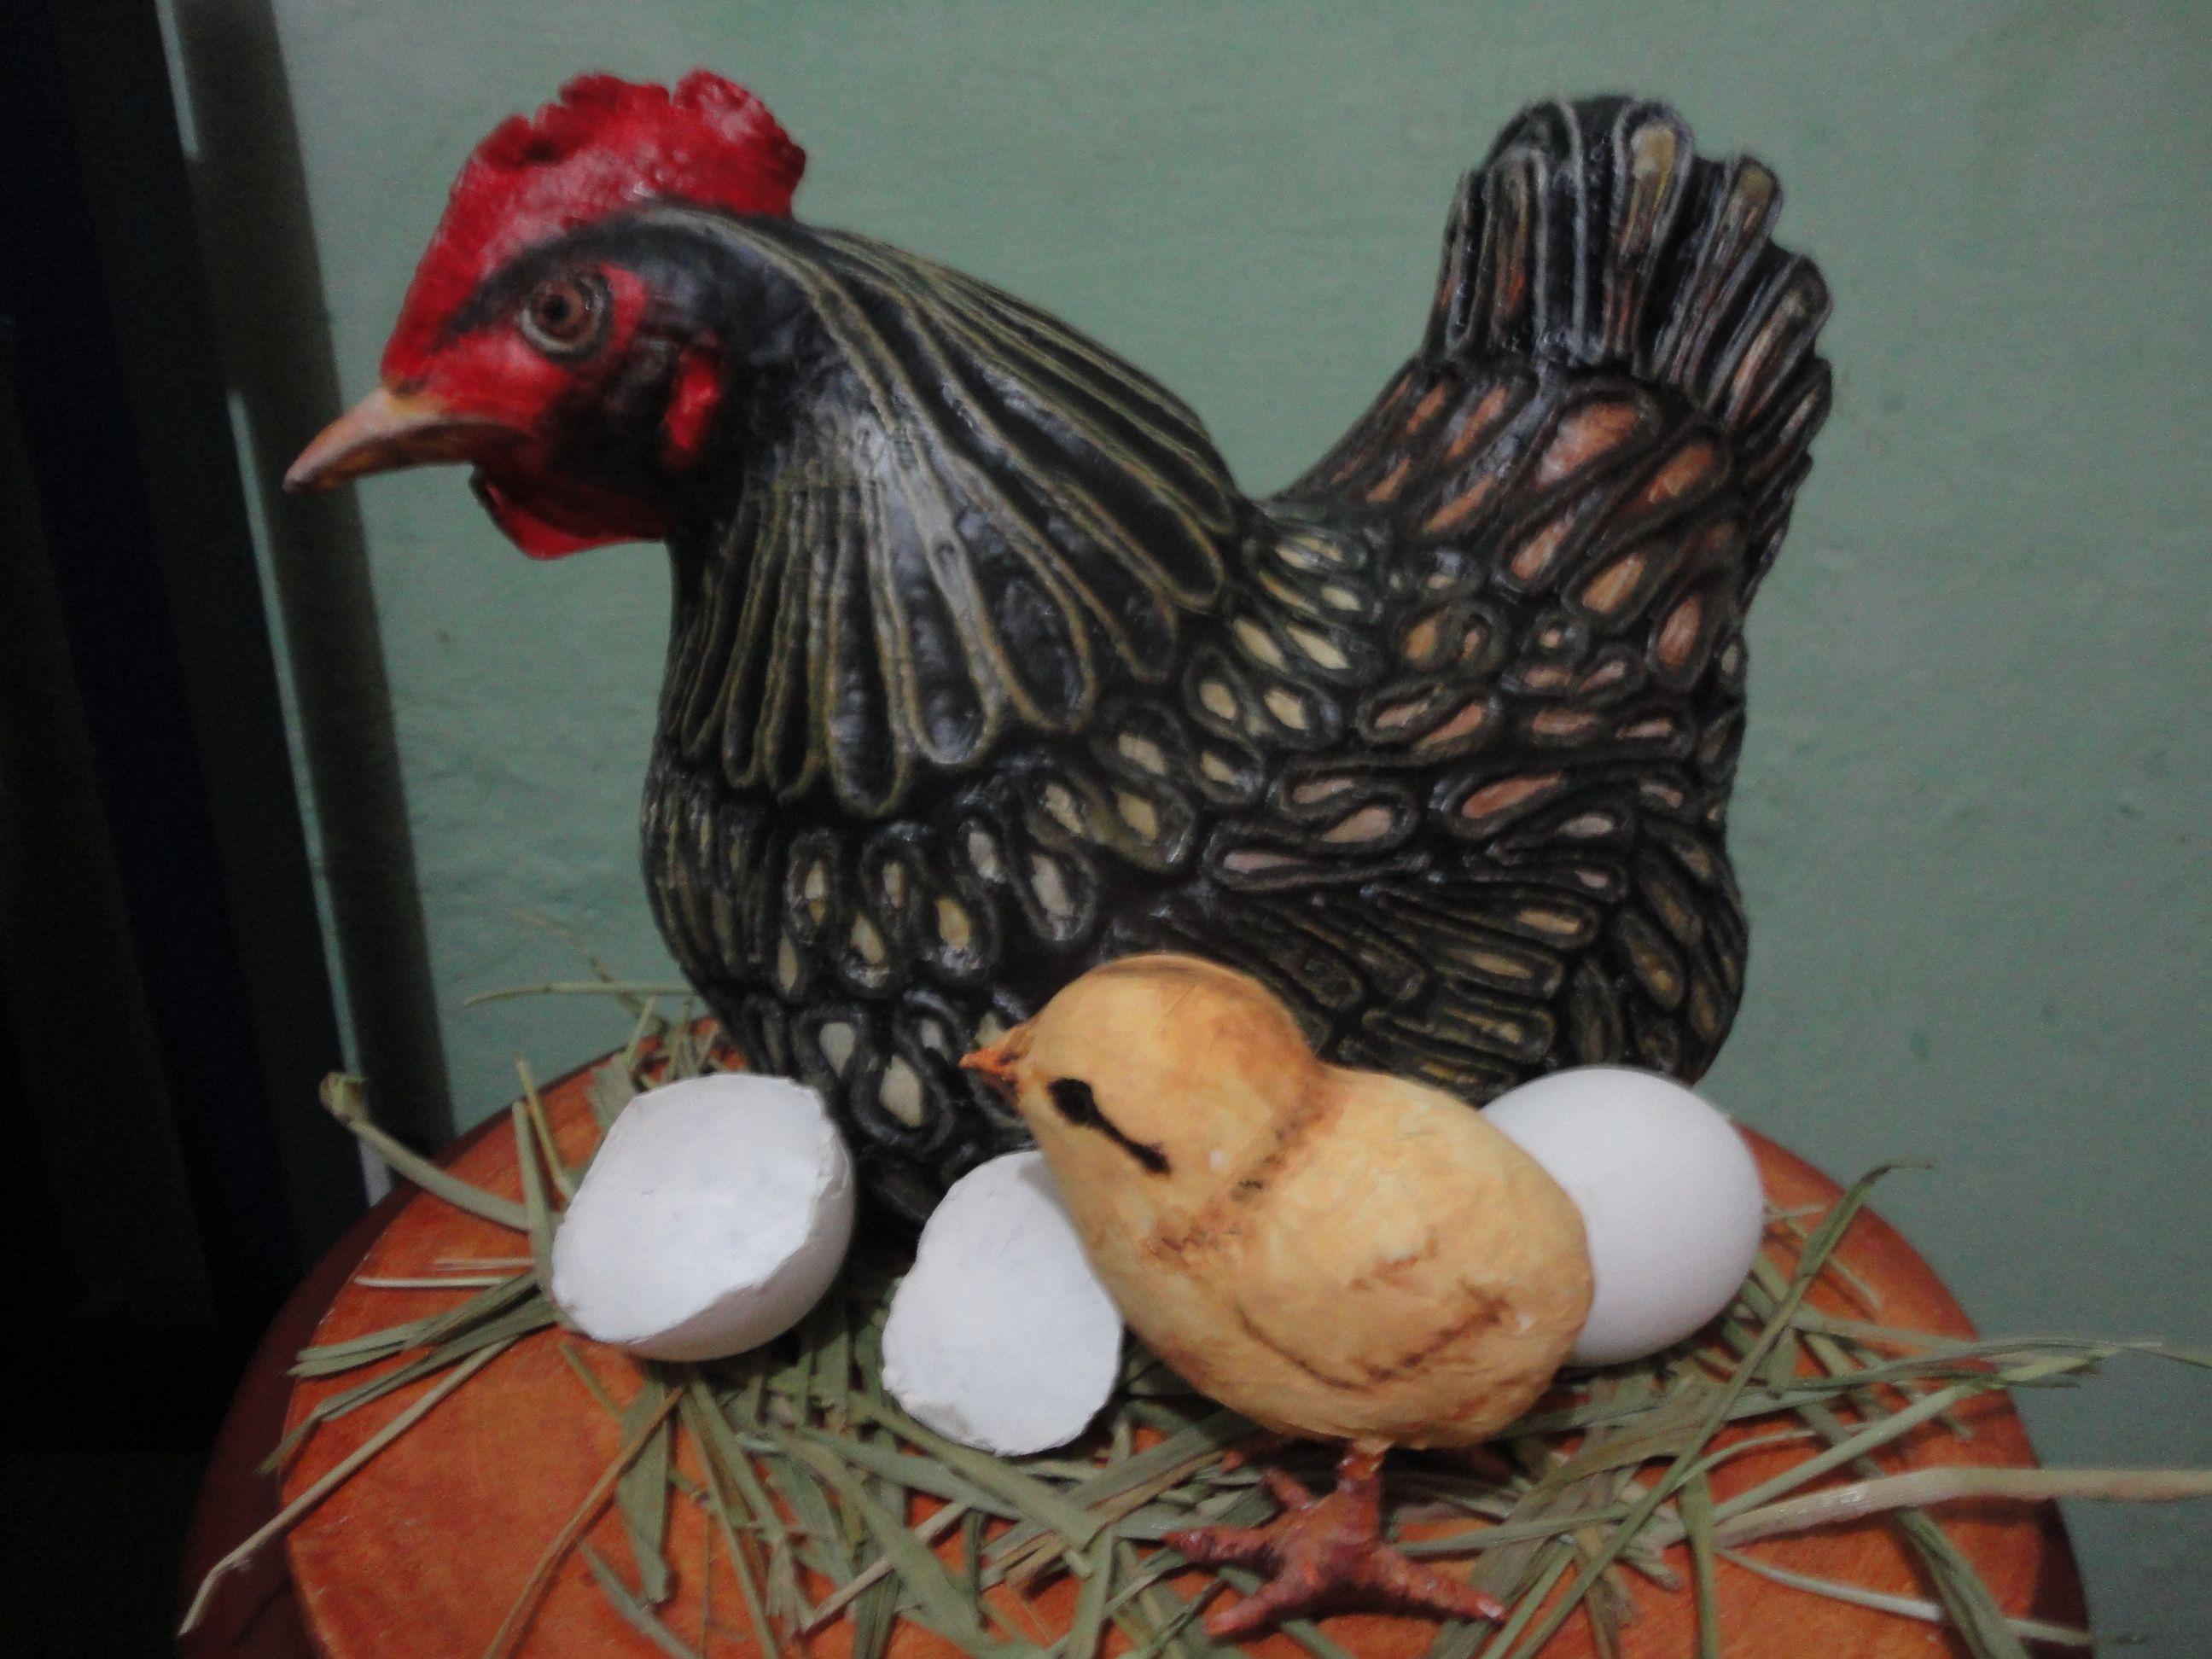 Galinha feita com esopor, papel machê e barbante de algodão. Chicken made with esopor, paper mache and cotton string.